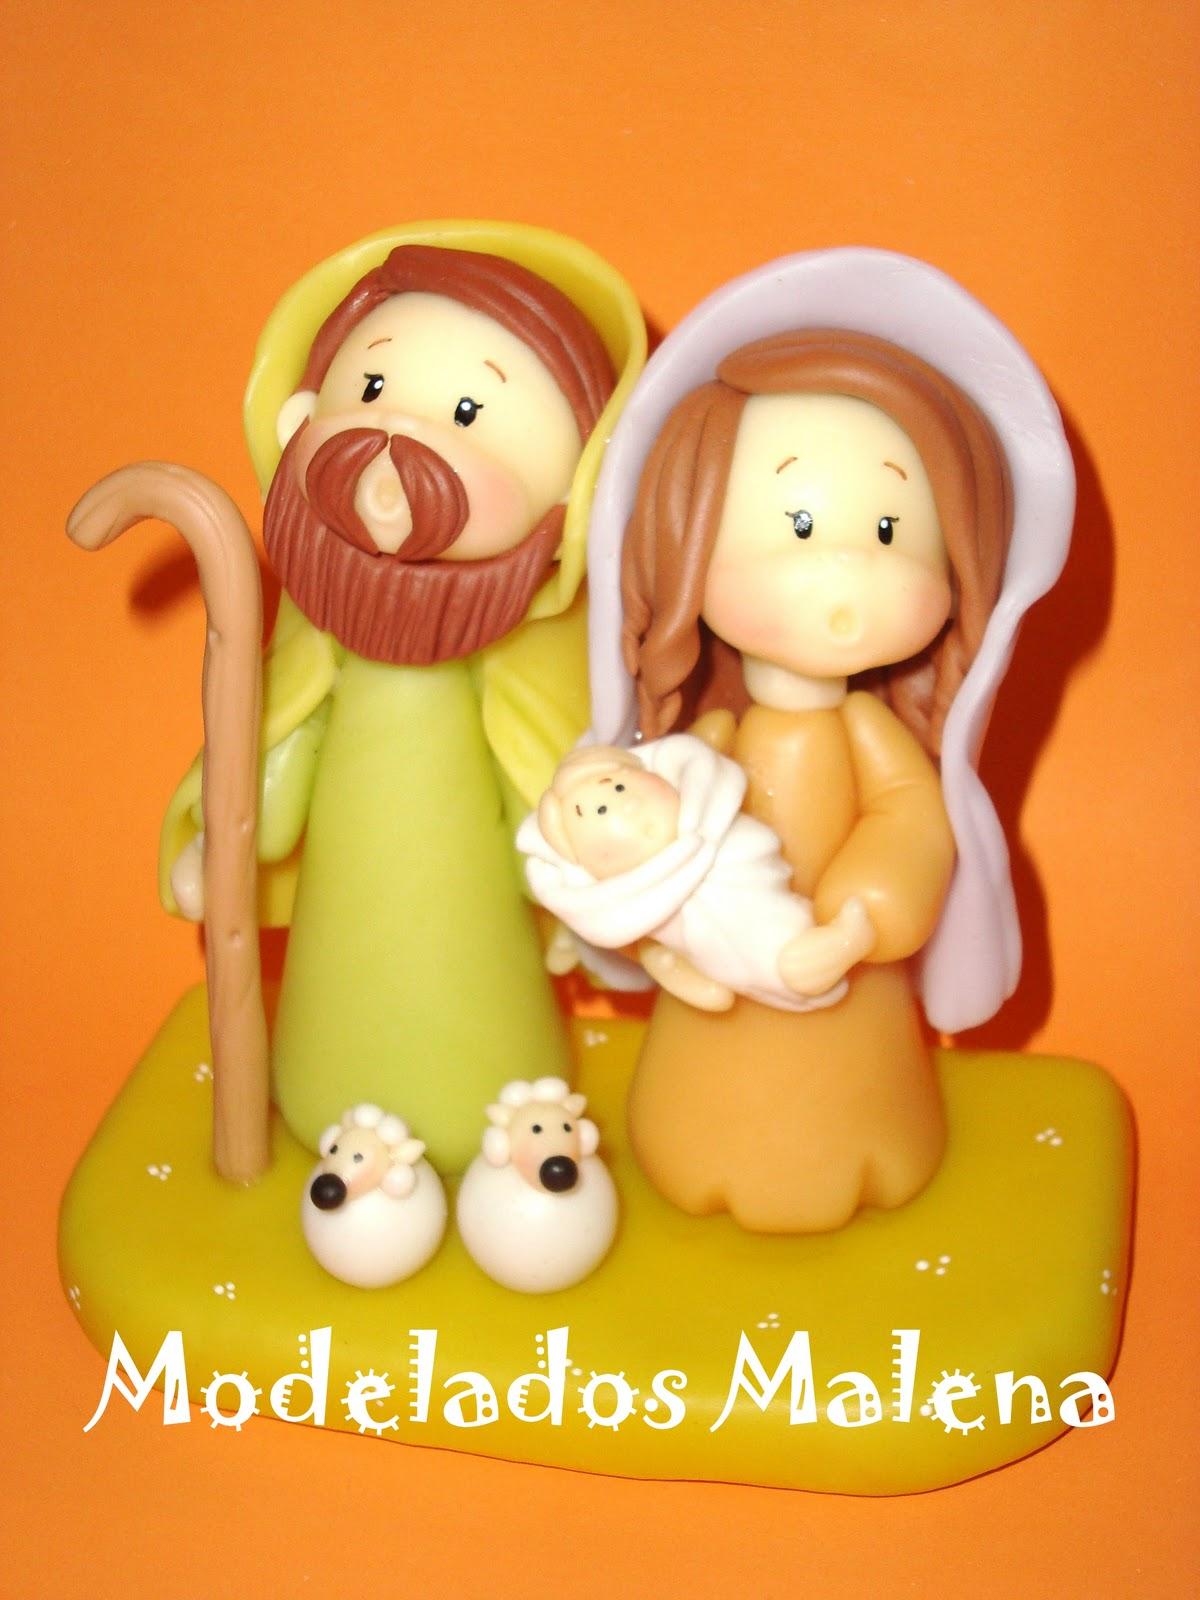 34ef505308c Modelados Malena Porcelana Fria  PESEBRE 2010 ♥